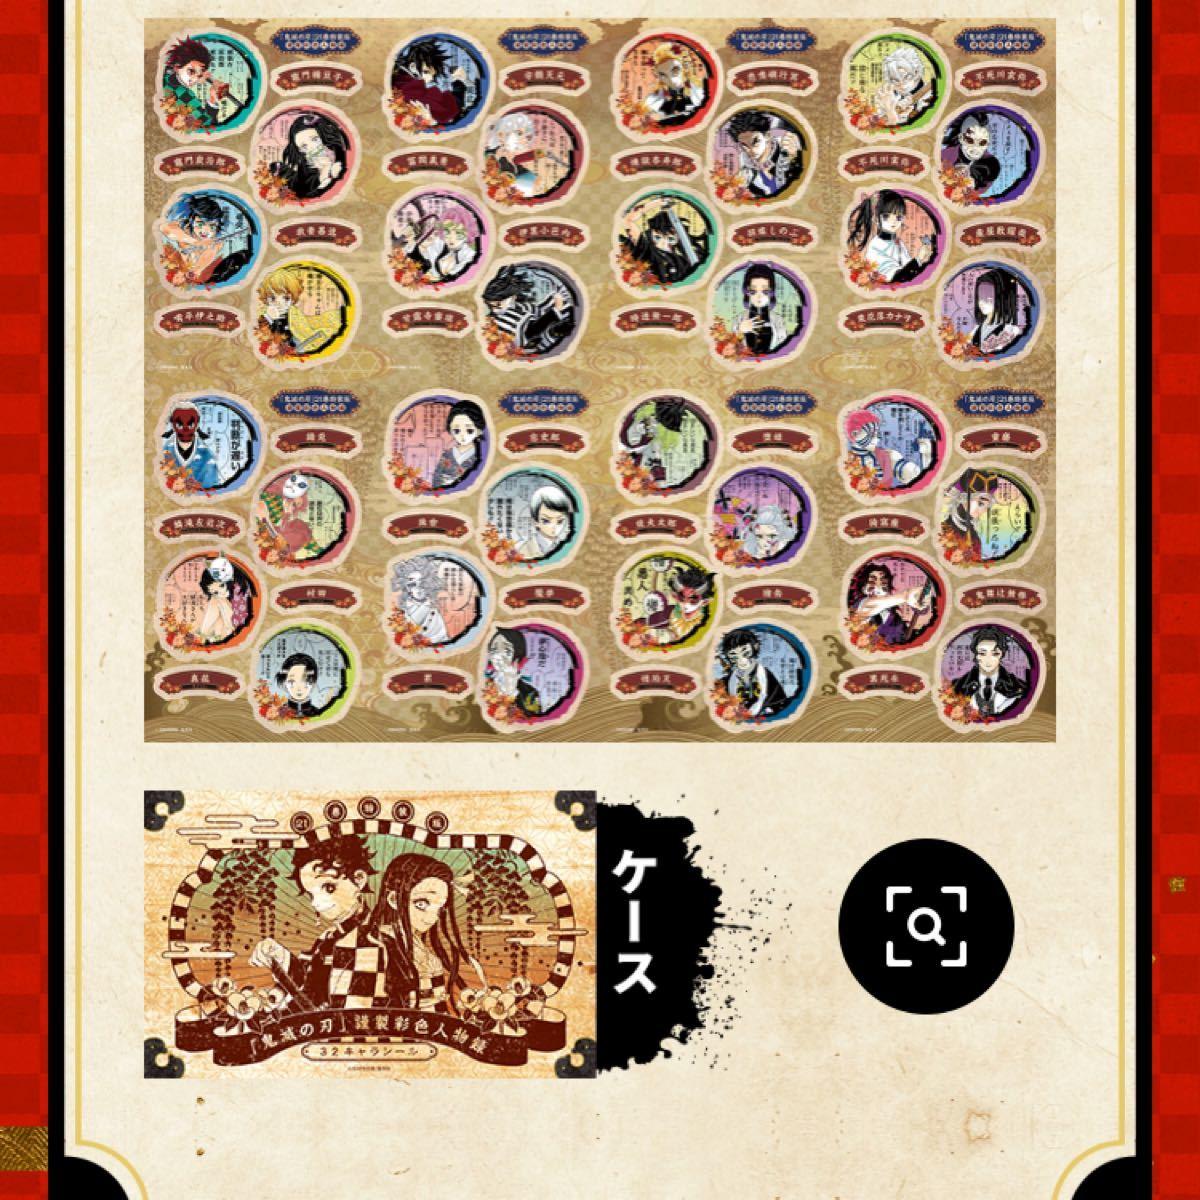 【新品・未開封】鬼滅の刃20・最新21巻ダブル特装版2冊セット!発売日本日発送!